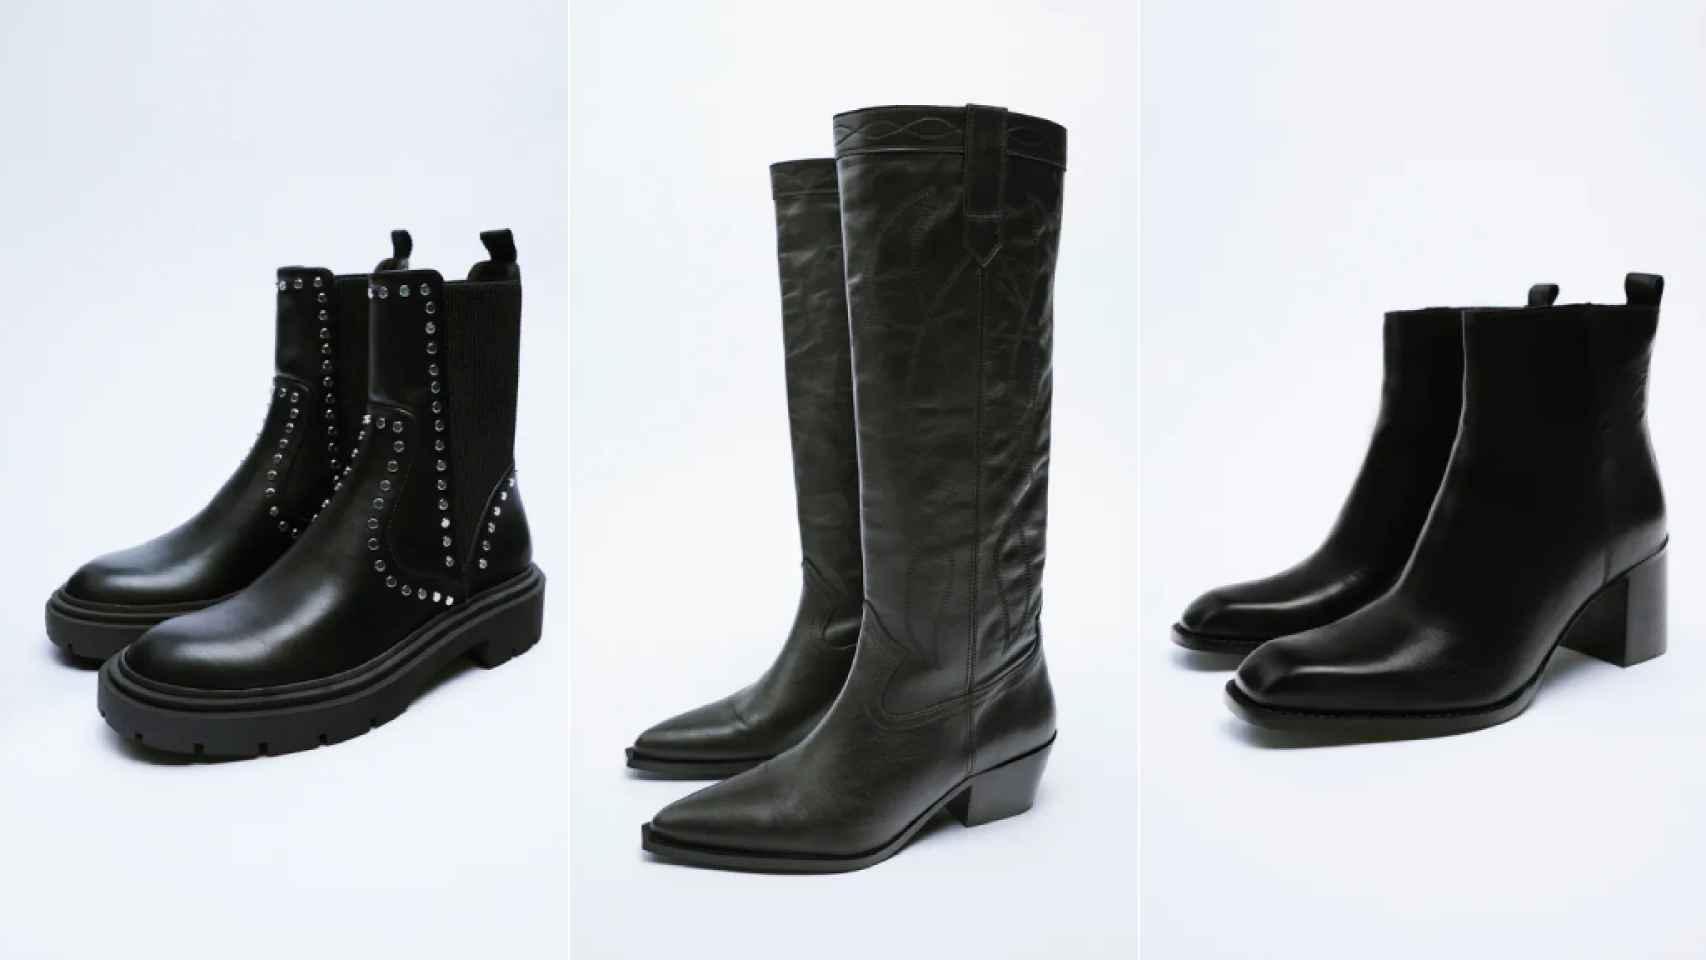 Botas negras de Zara.